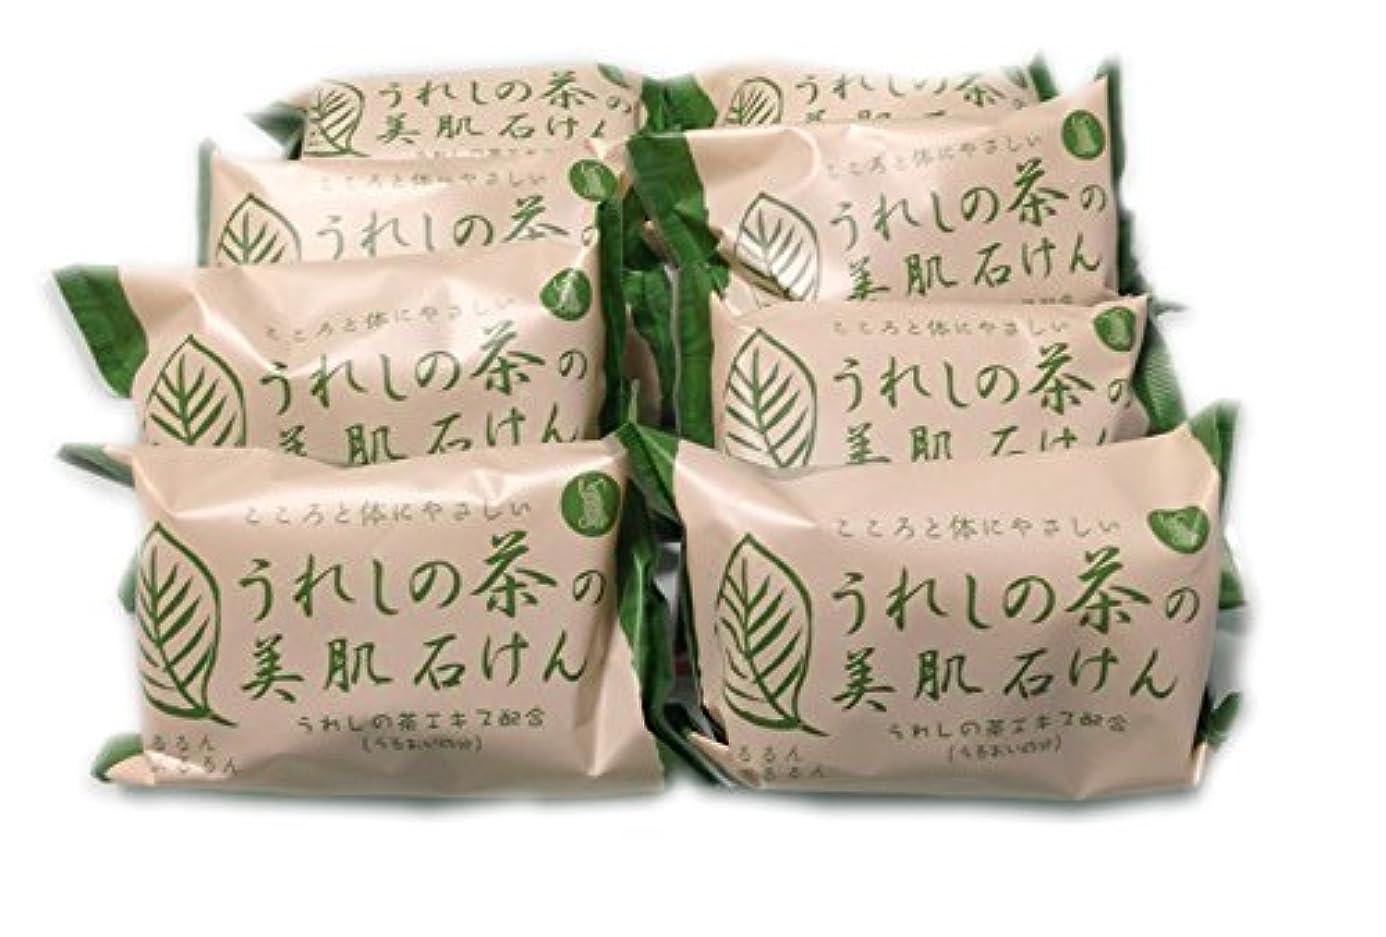 リマークディレクトリカテゴリー日本三大美肌の湯嬉野温泉 うれしの茶の美肌石けん8個セット